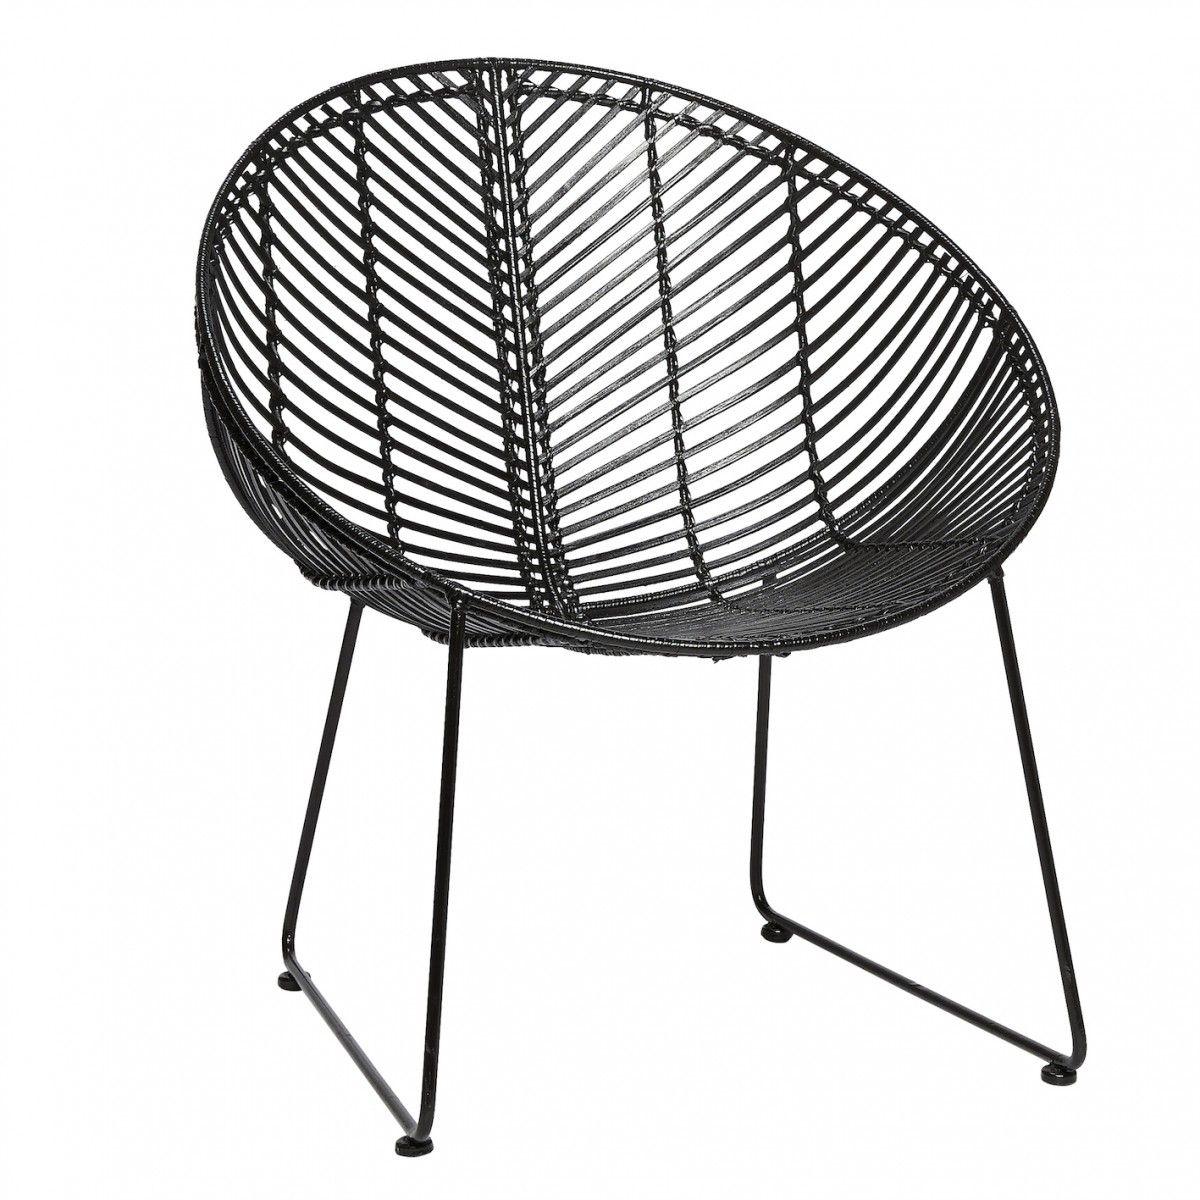 meuble design scandinave chaise ronde en rotin naturel71x67xh77cm ... - Boutique Design Scandinave Meubles